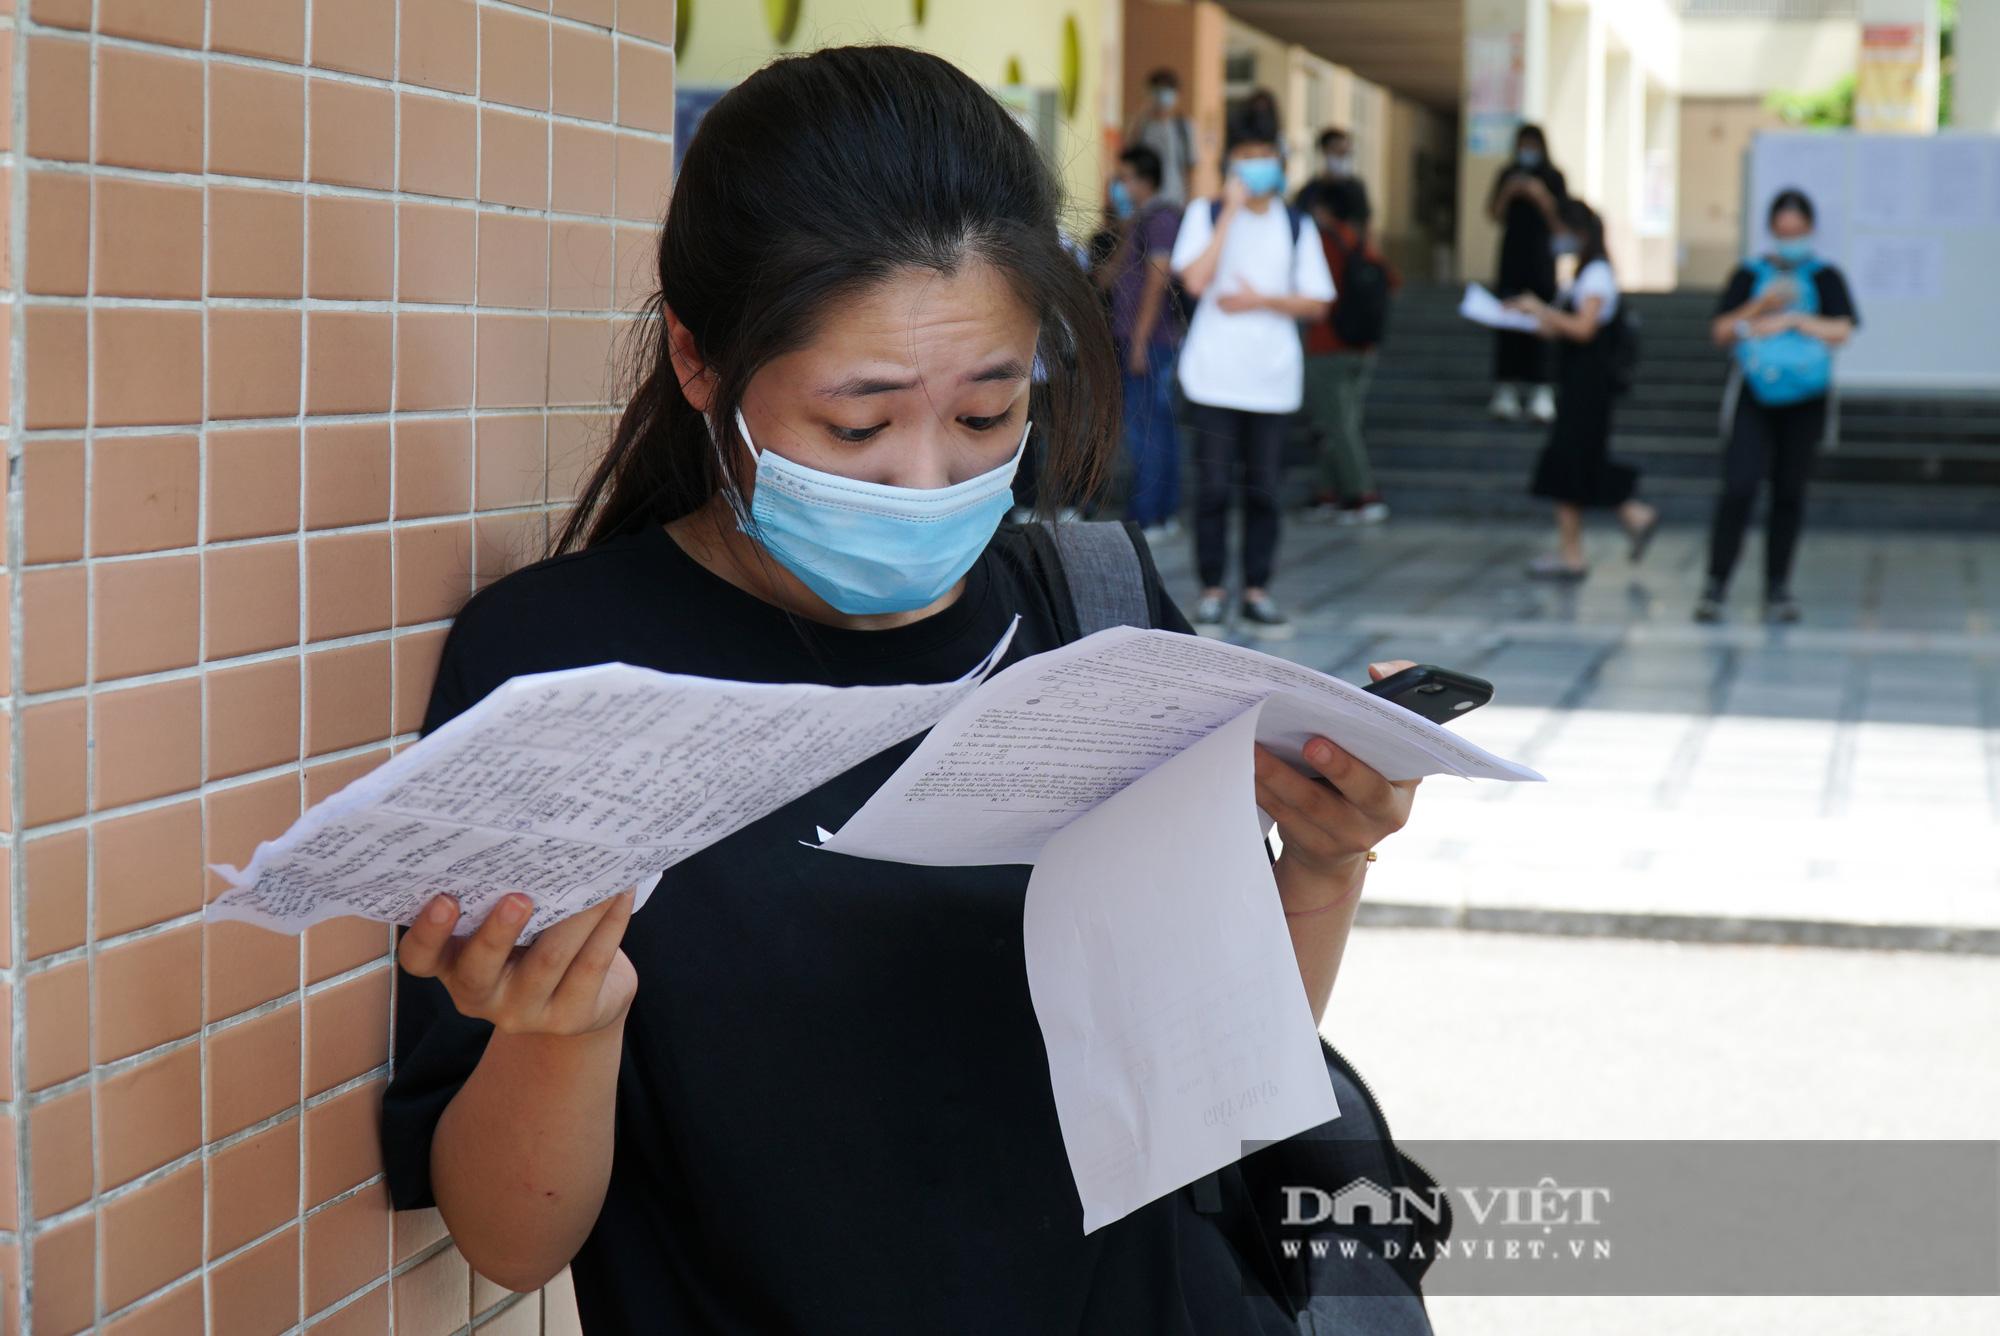 Thí sinh từ Đà Nẵng trở về cảm thấy thoải mái khi thi 1 mình một phòng - Ảnh 6.